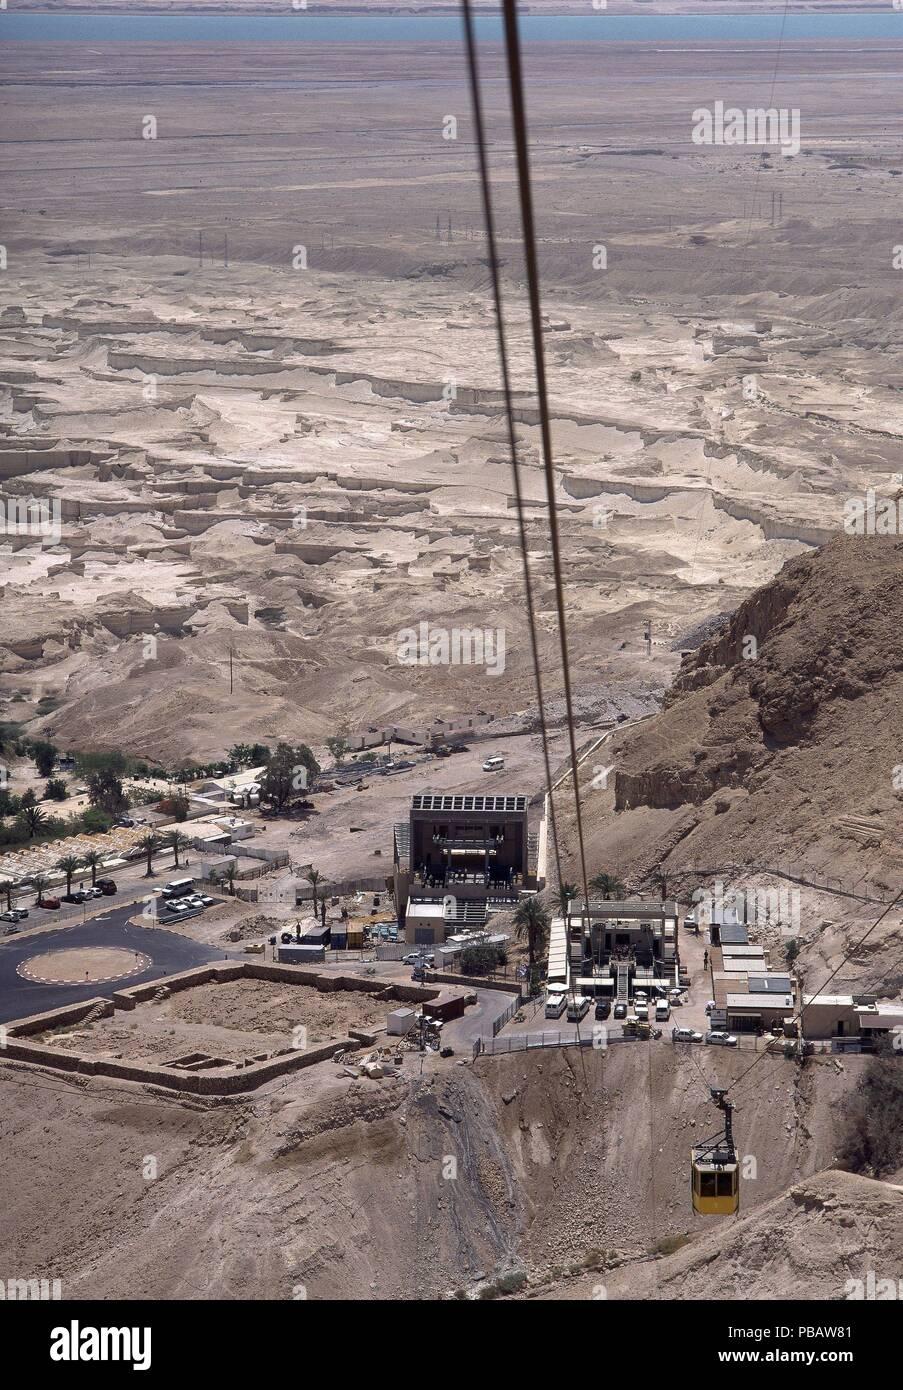 VISTA DESDE LA CIUDAD FORTIFICADA -TELEFERICO DE SUBIDA. Location: EXTERIOR, MASADA, ISRAEL. - Stock Image